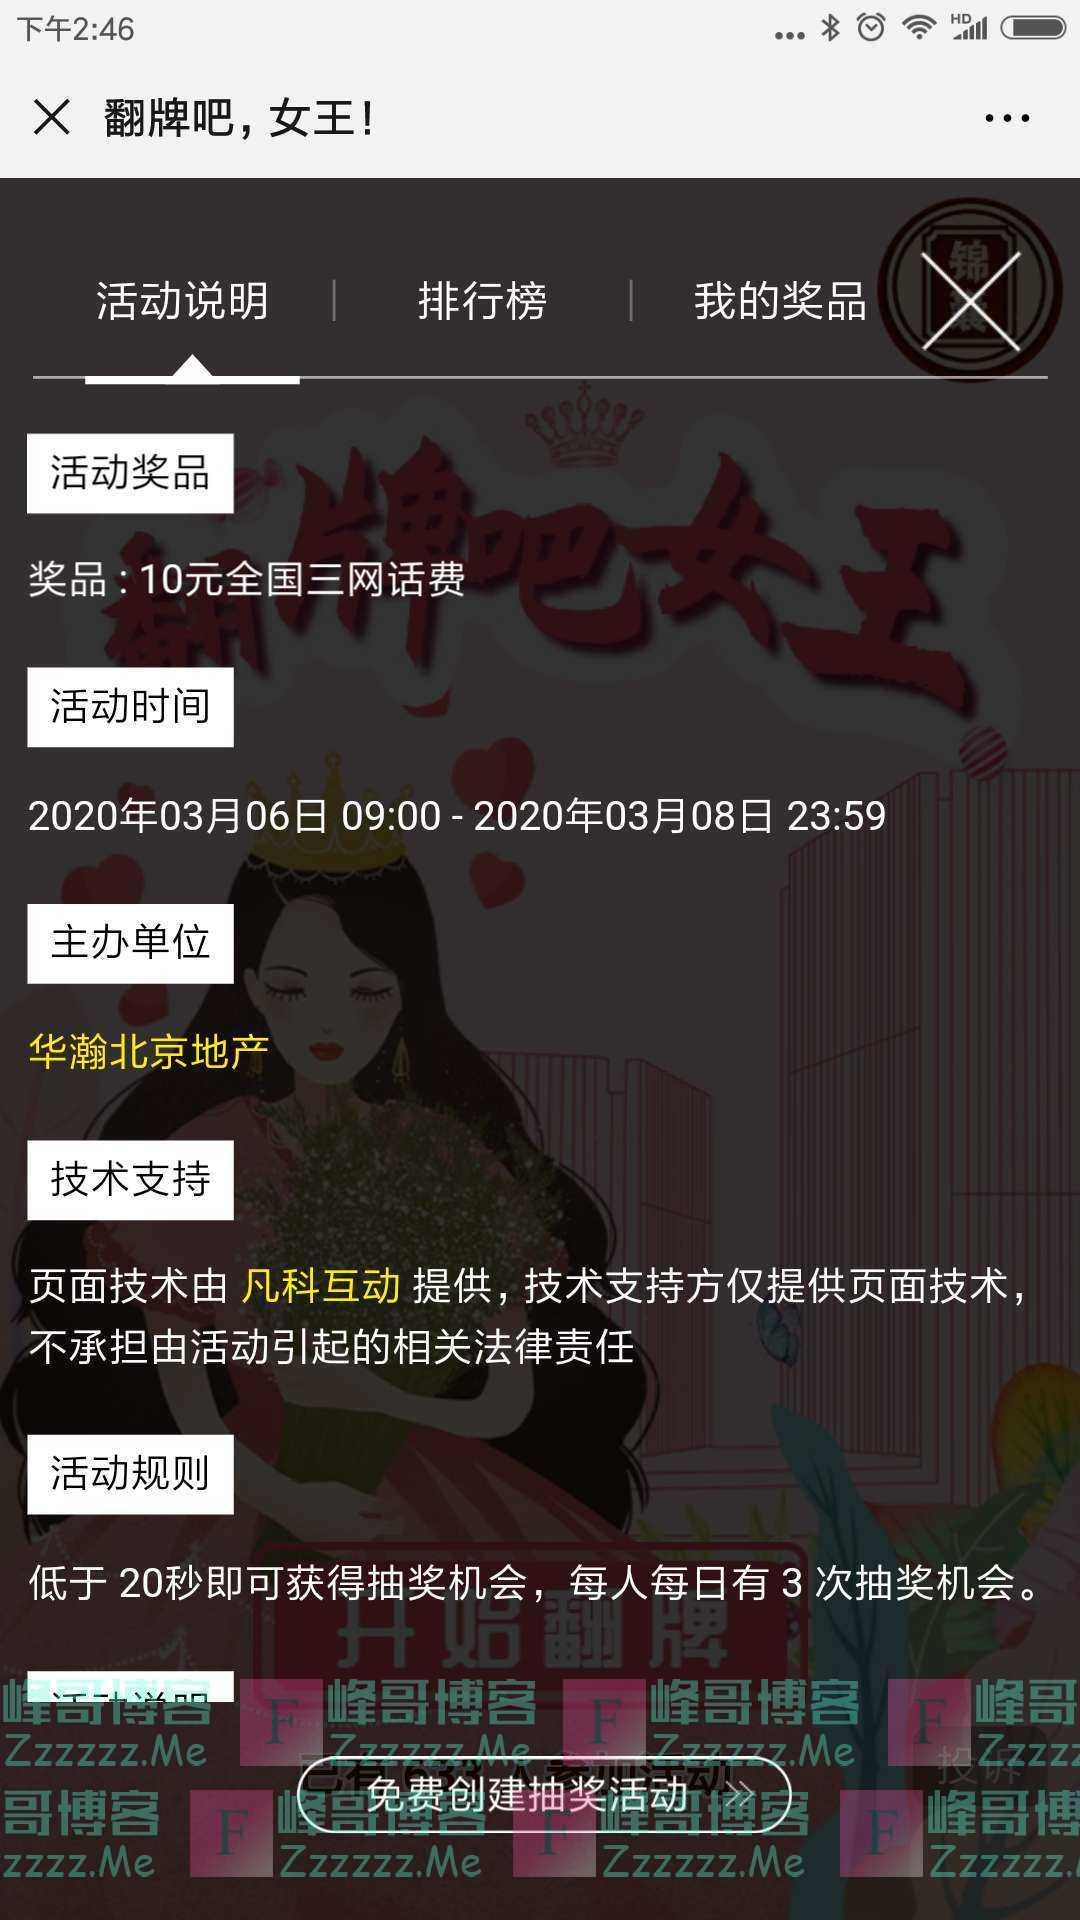 华瀚北京地产玩游戏赢惊喜大礼(截止3月8日)